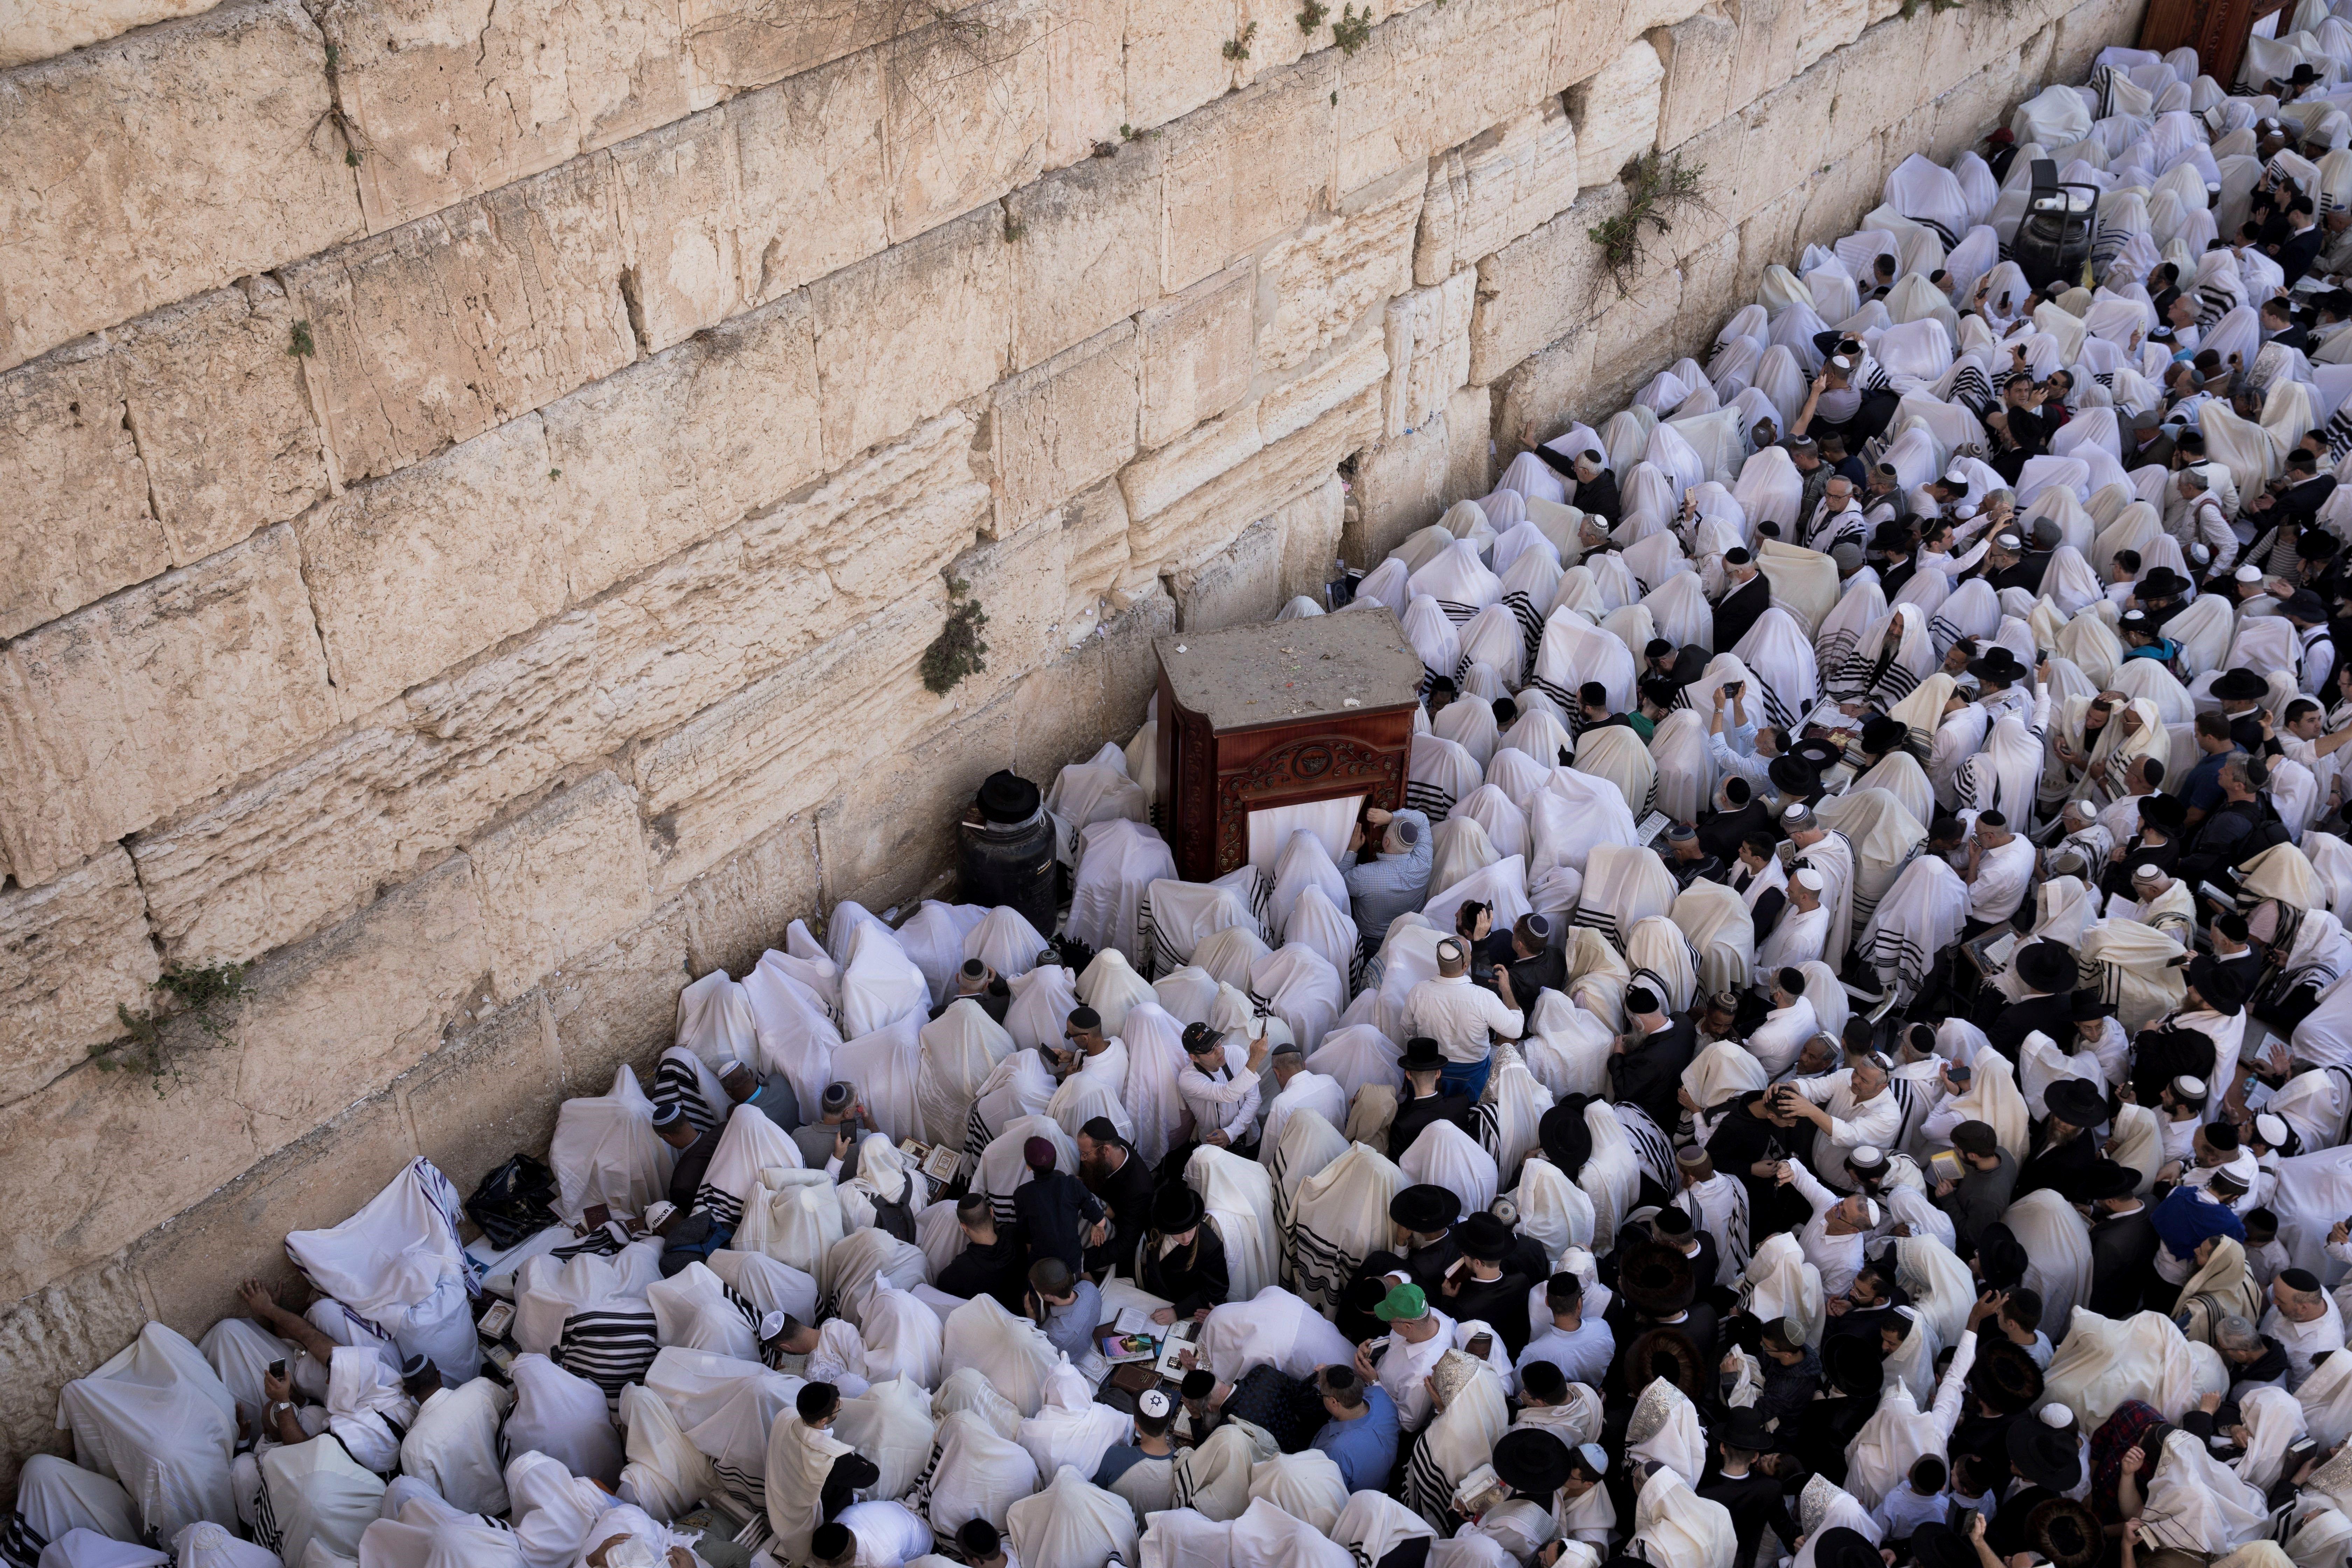 Oracions davant el Mur de les Lamentacions per la Pasqua jueva. /ABIR SULTAN